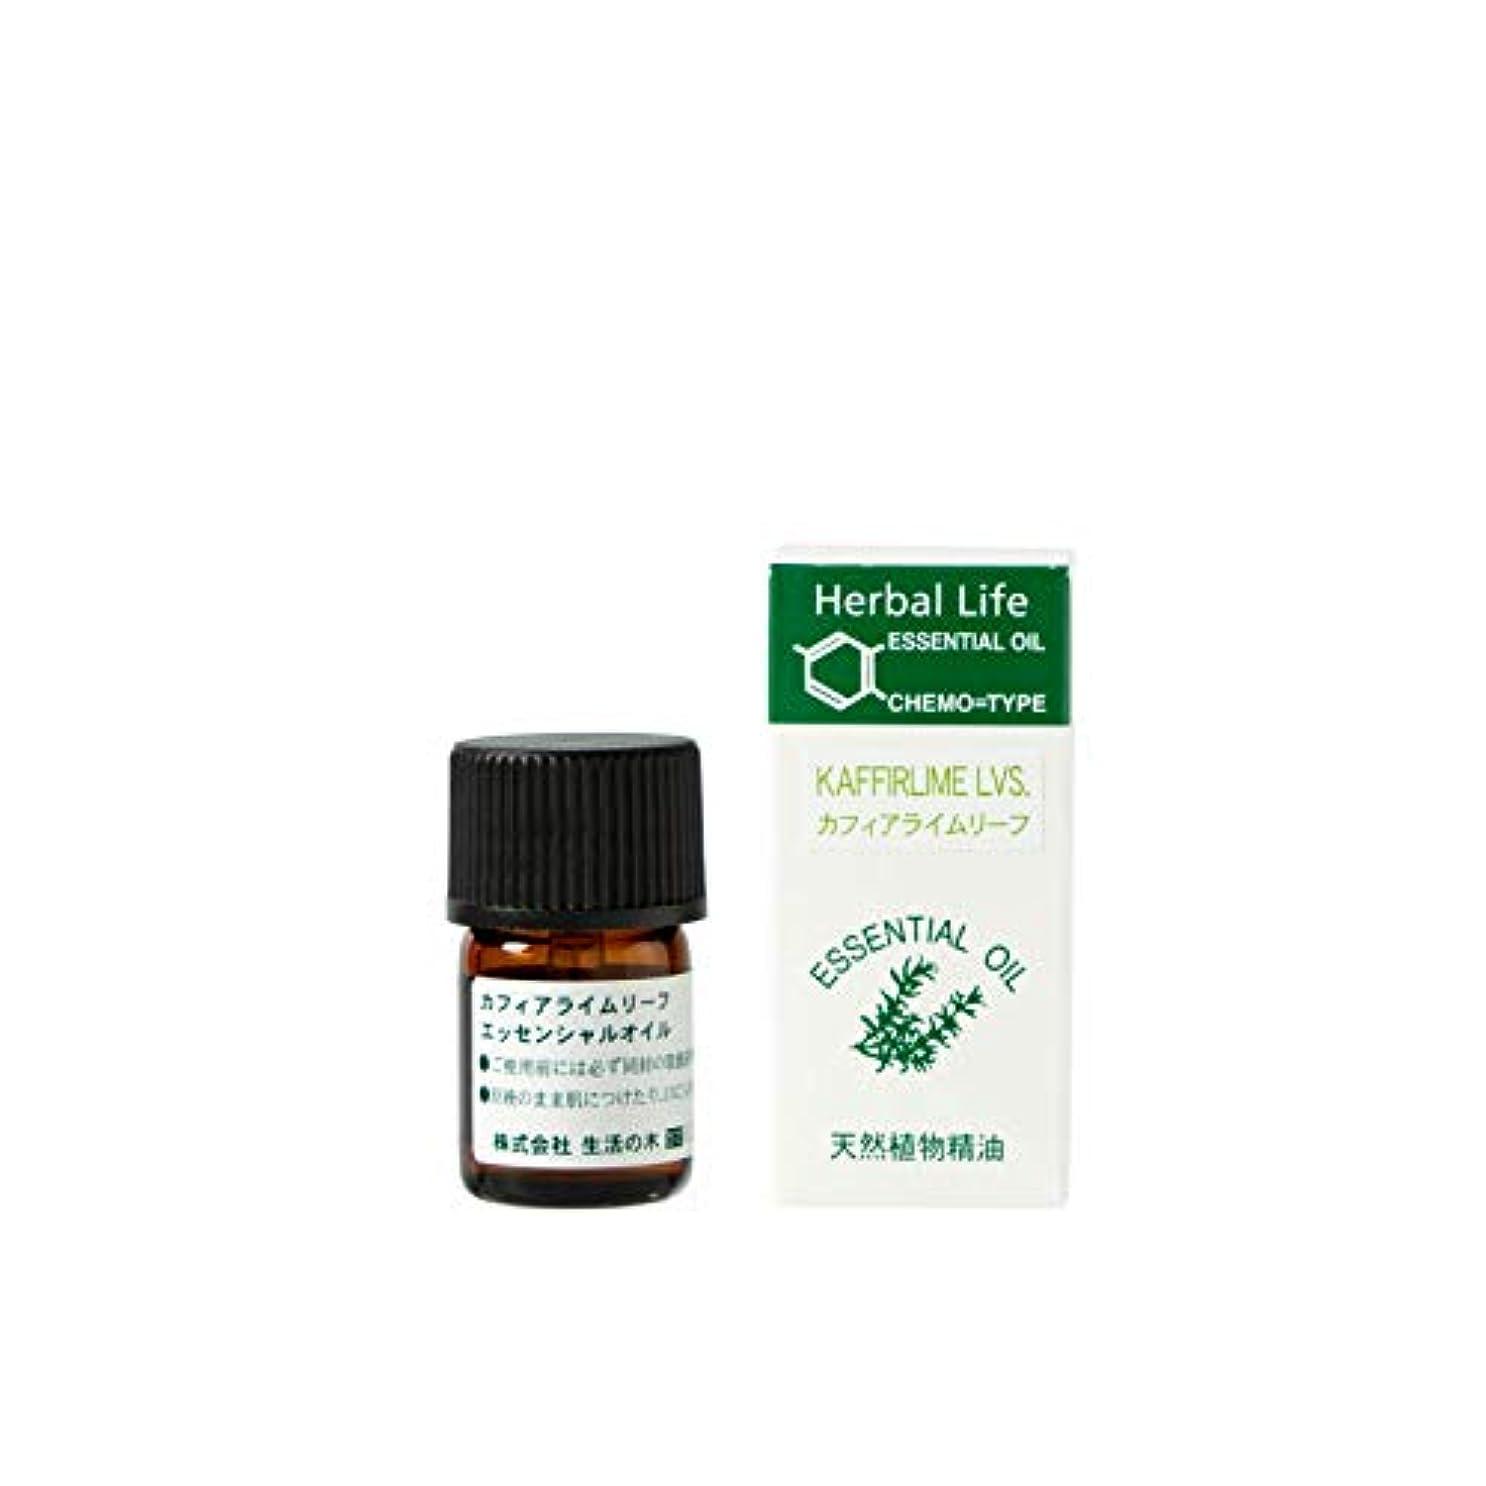 運河鎮痛剤腐敗生活の木 エッセンシャルオイル カフィアライムリーフ(3ml)